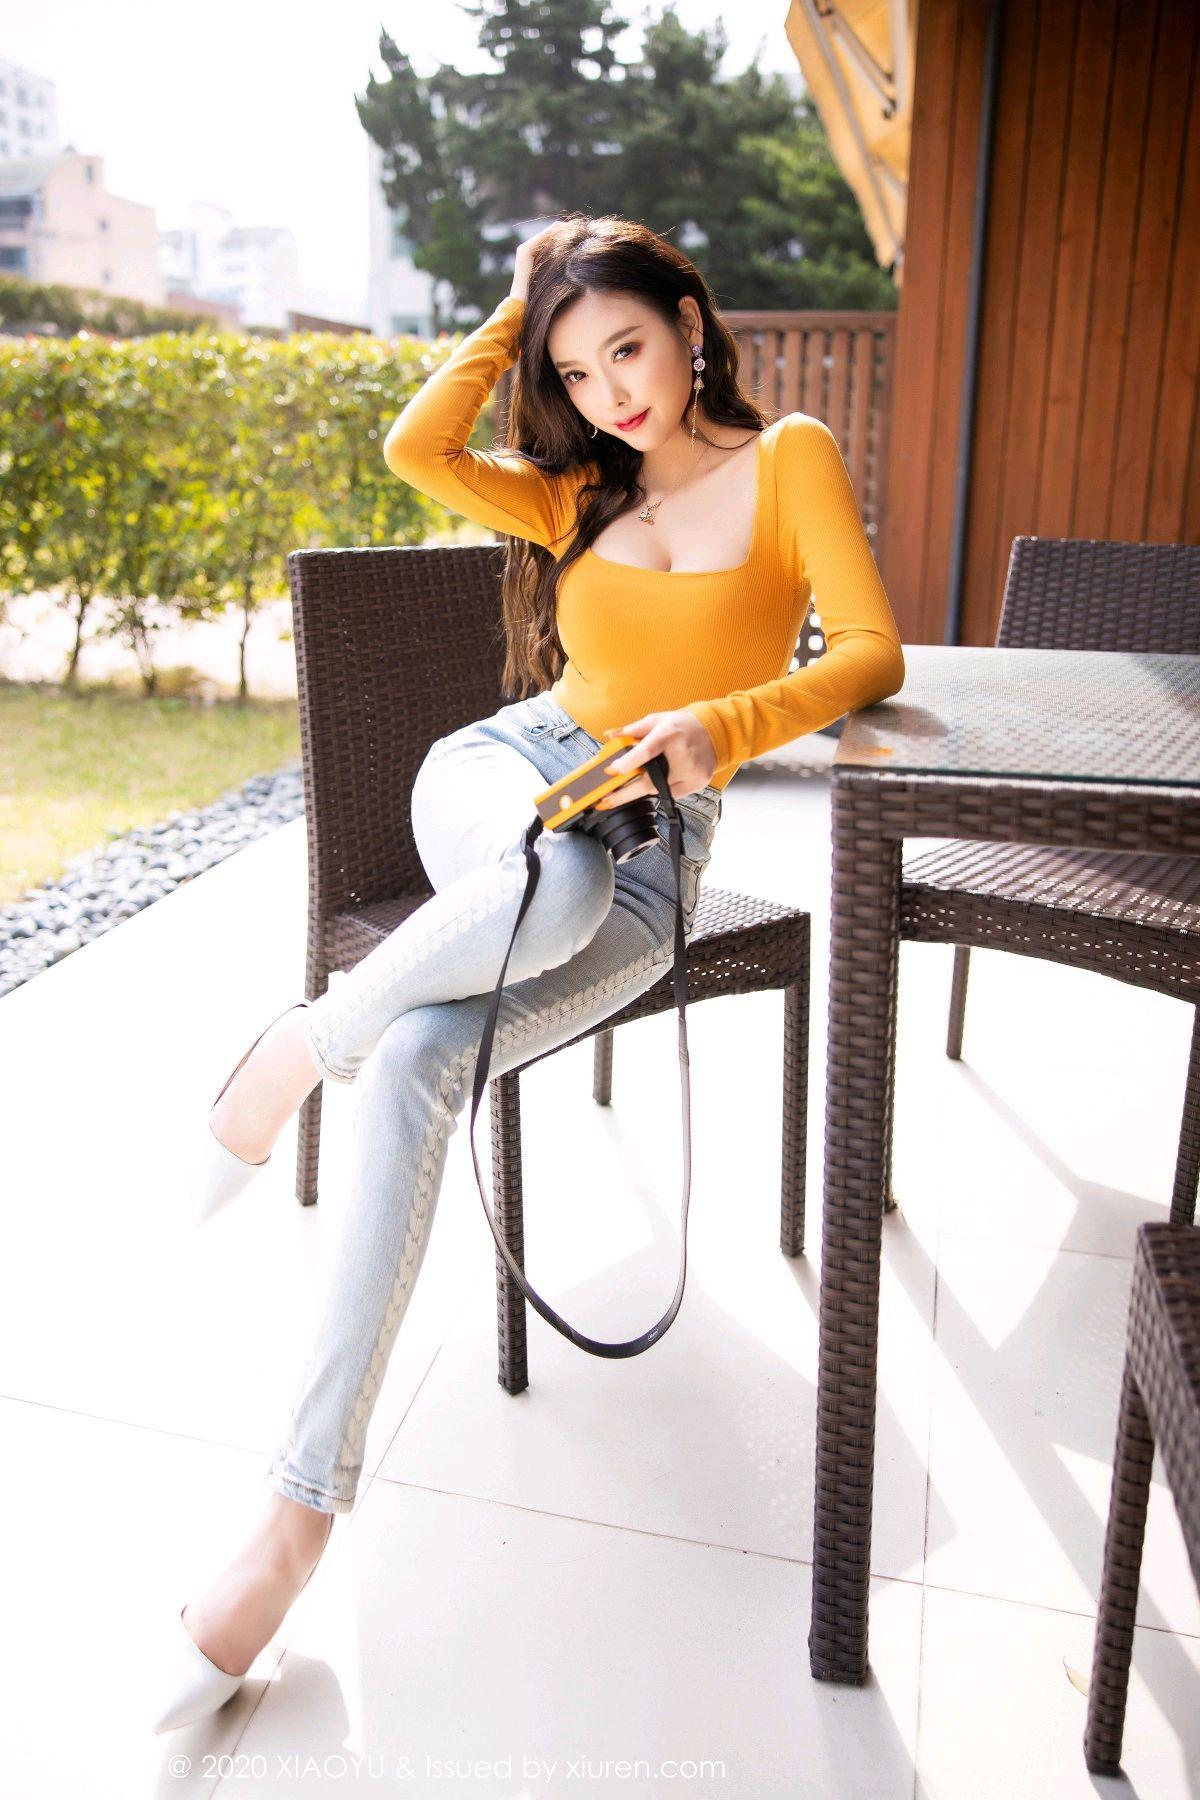 [XiaoYu] Vol.228 Yang Chen Chen 7P, XiaoYu, Yang Chen Chen